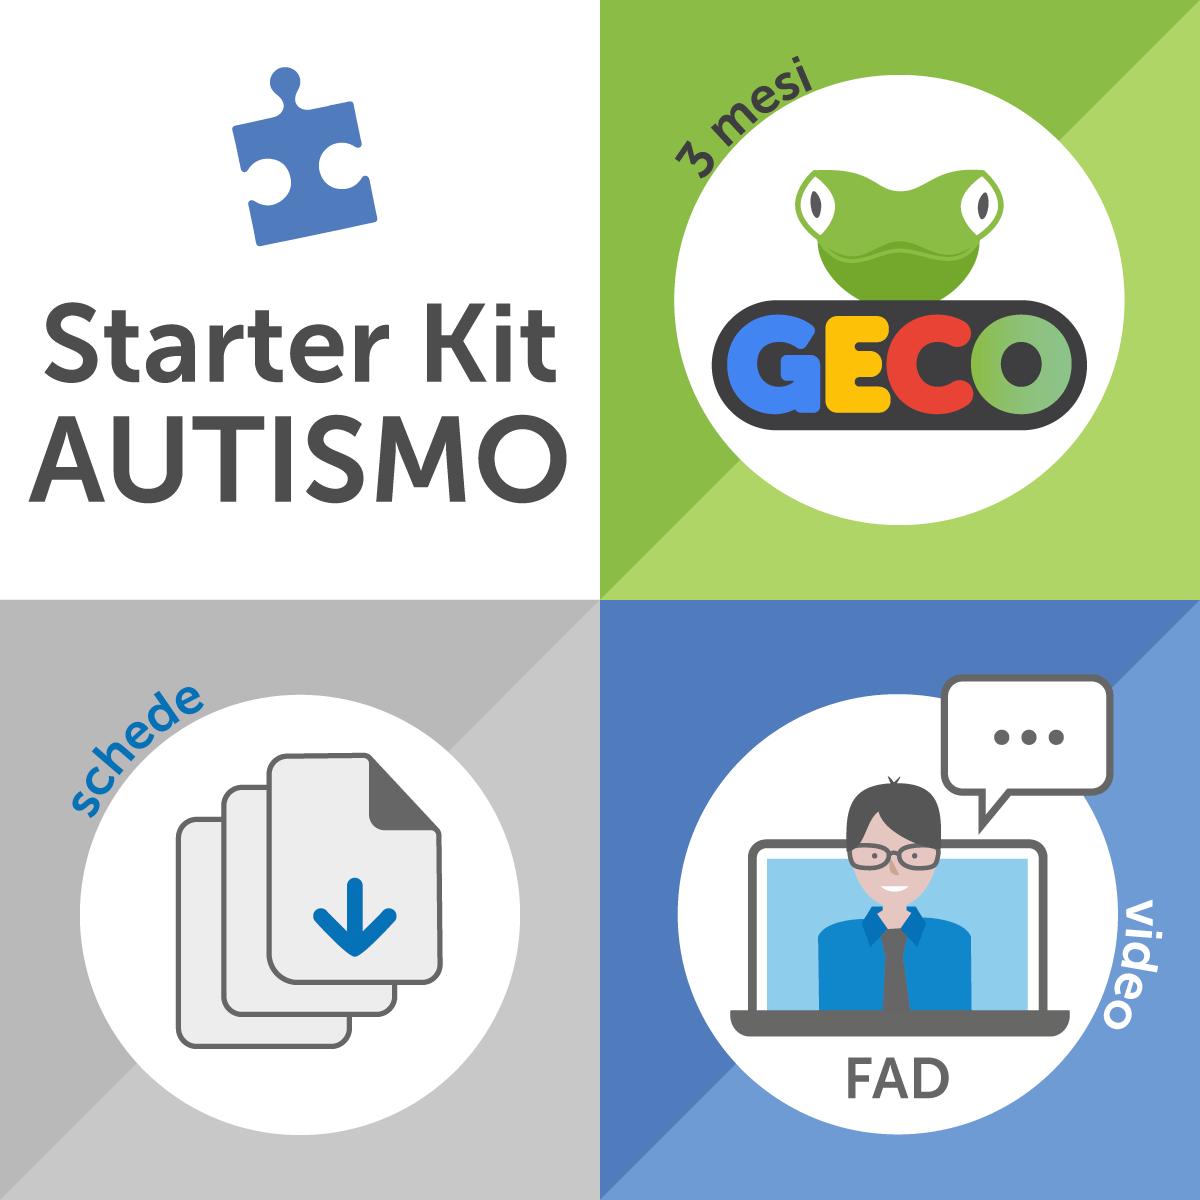 Starter Kit Autismo